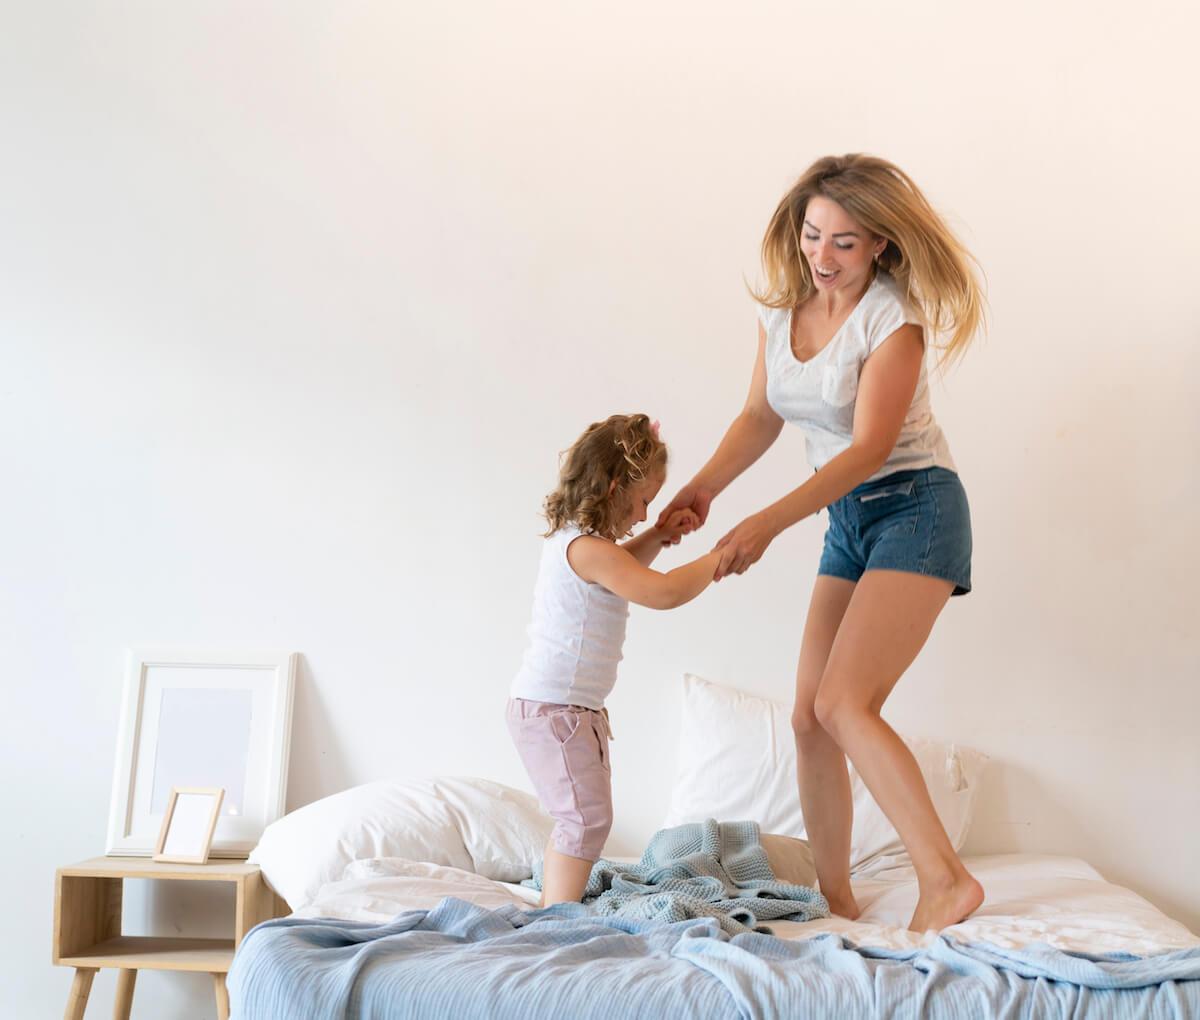 TEHNIKE-OPUŠTANJA-ZA-DJECU-mamaklik-Relaksirajuće-aktivnosti-i-igre-za-vaše-dijete-mamaklik-savjeti.jpg